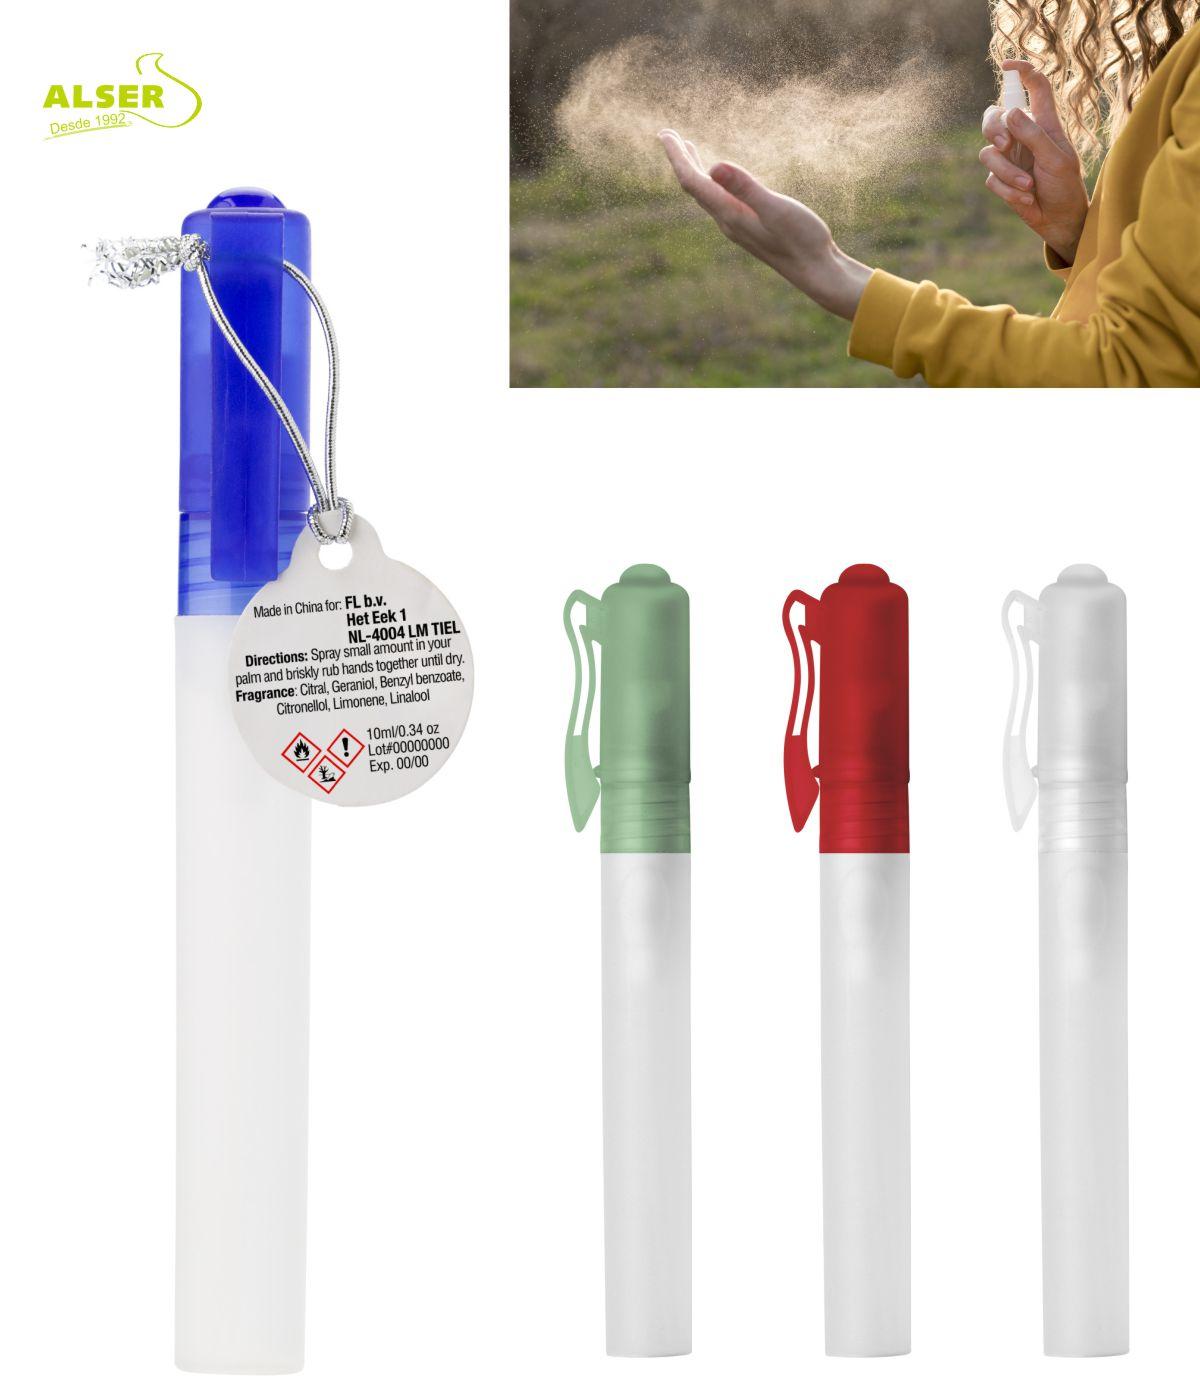 Gel de manos promocional Colores